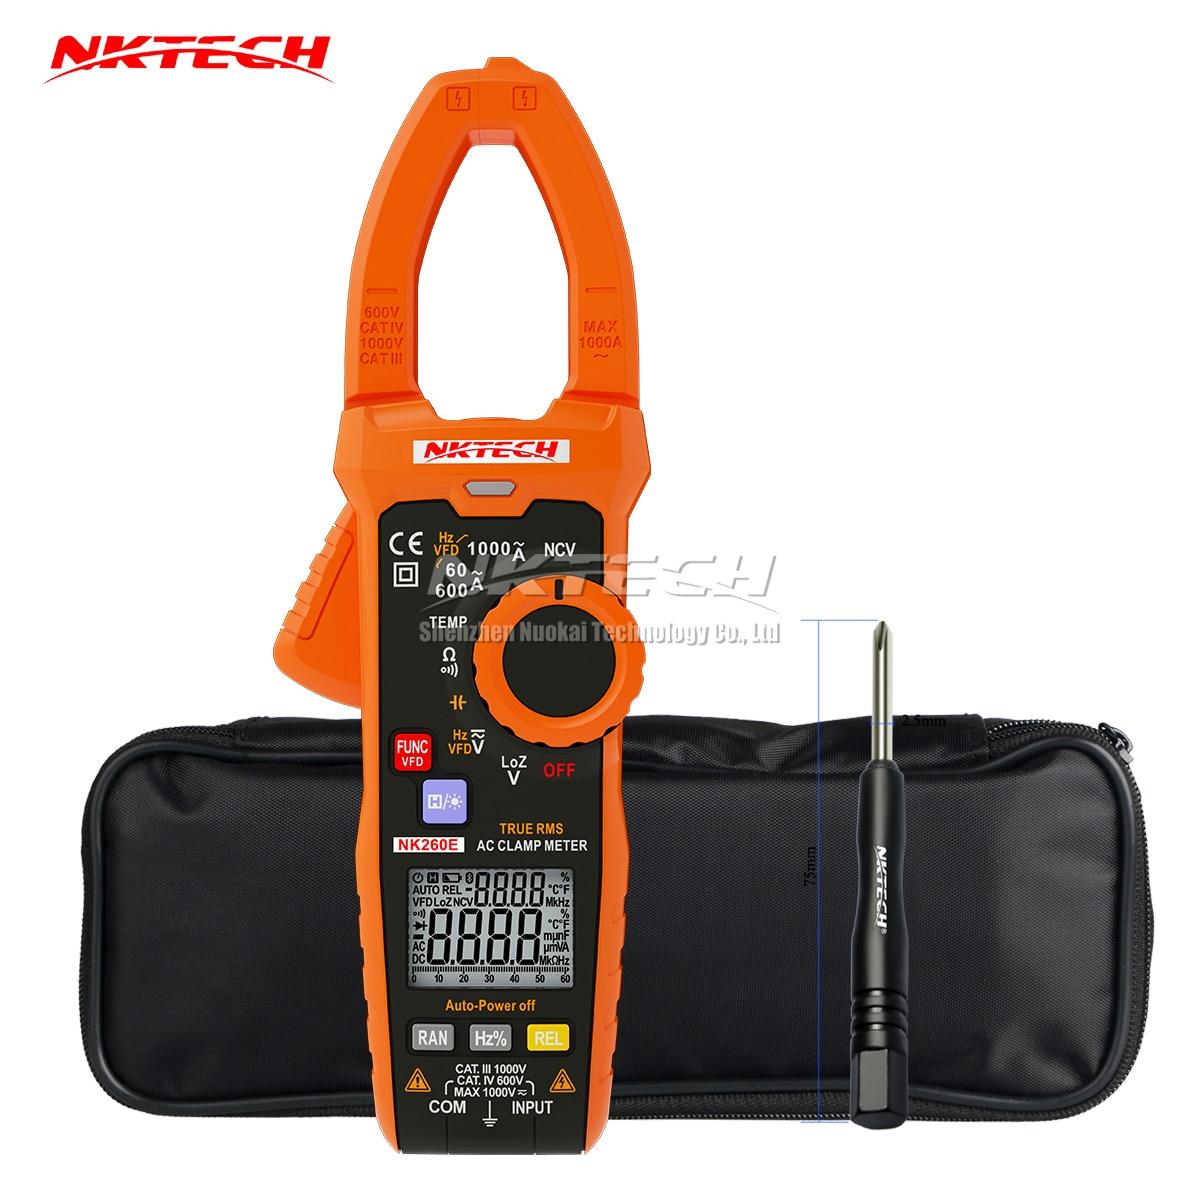 NKTECH NK260E Numérique Pince Multimètre 1000 V VFD Analogique Bar Graphique Ture RMS Température AC DC V ACA Résistance Fréquence capacité